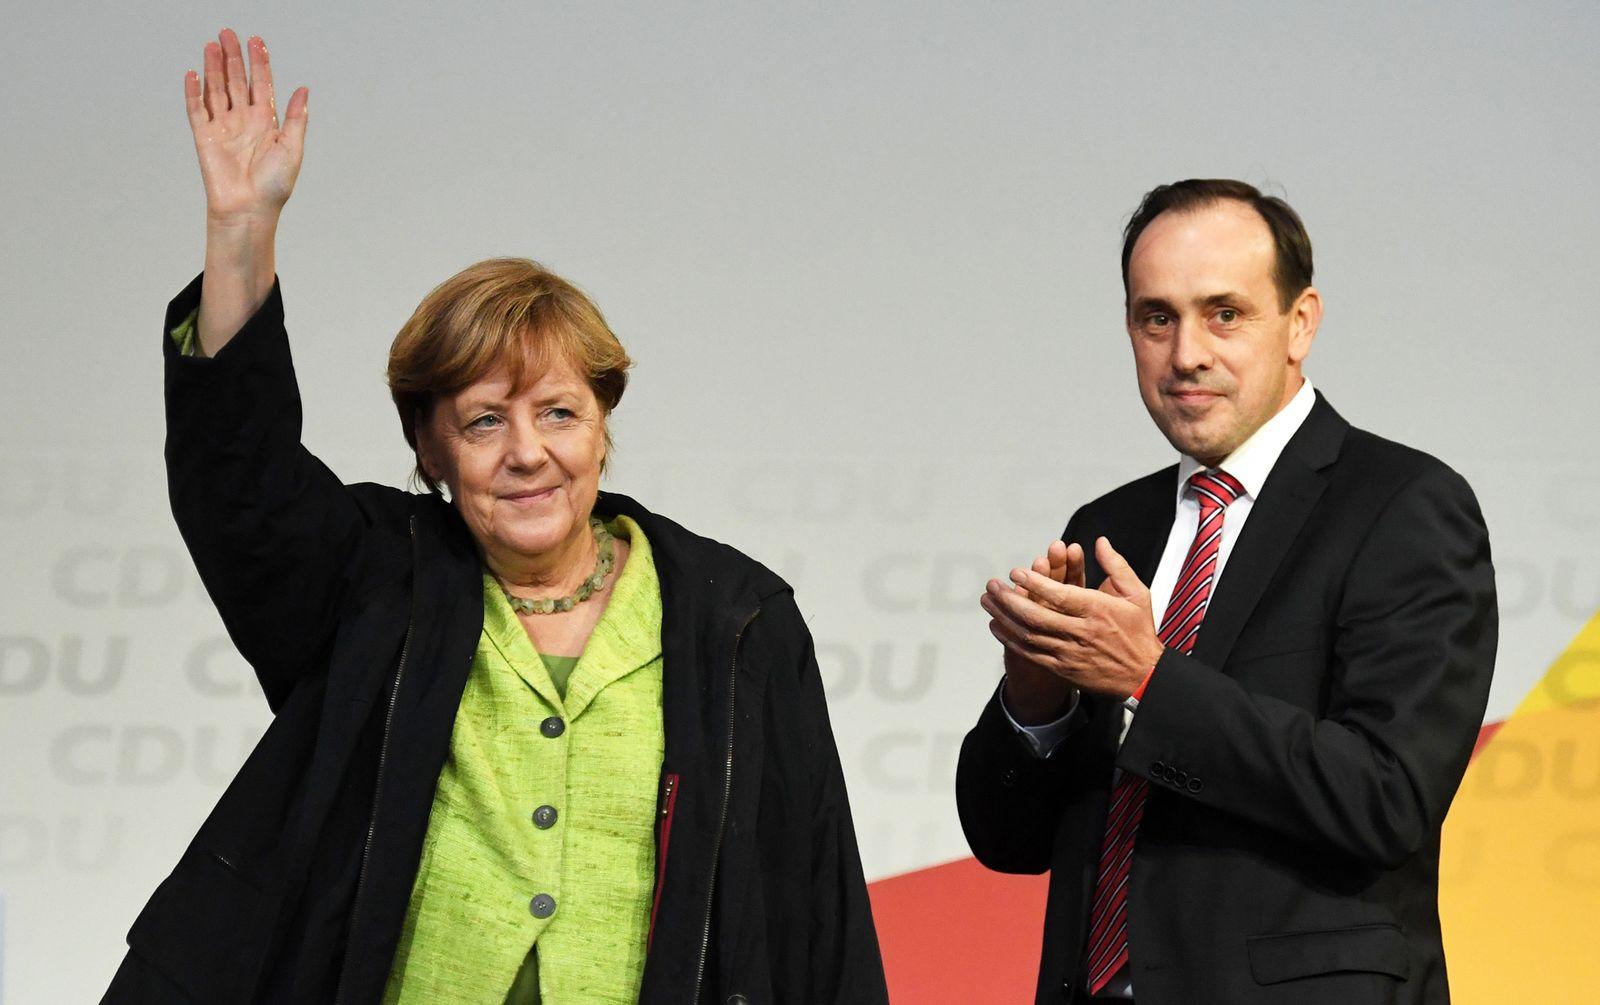 Merkel / Senftleben / CDU